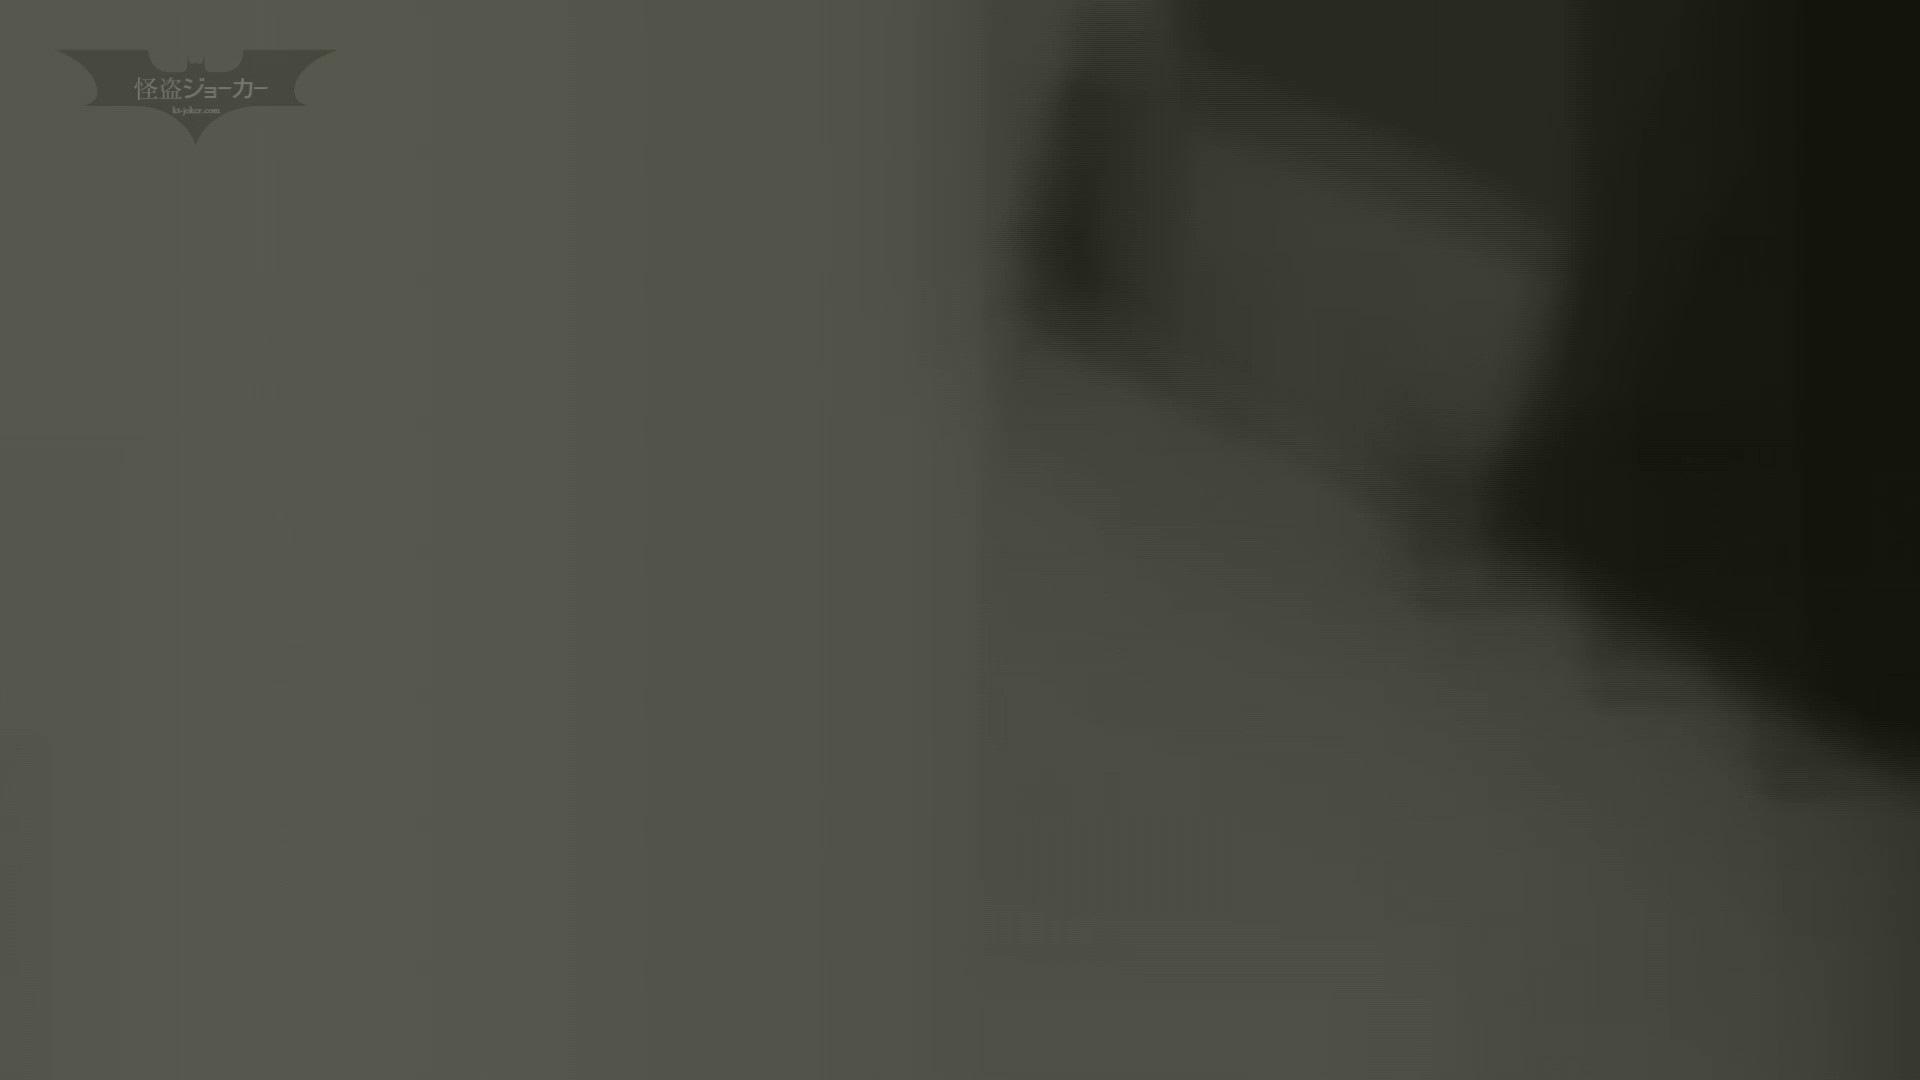 下からノゾム vol.030 びしょびしょの連続、お尻半分濡れるほど、 高画質 | 洗面所  84画像 67